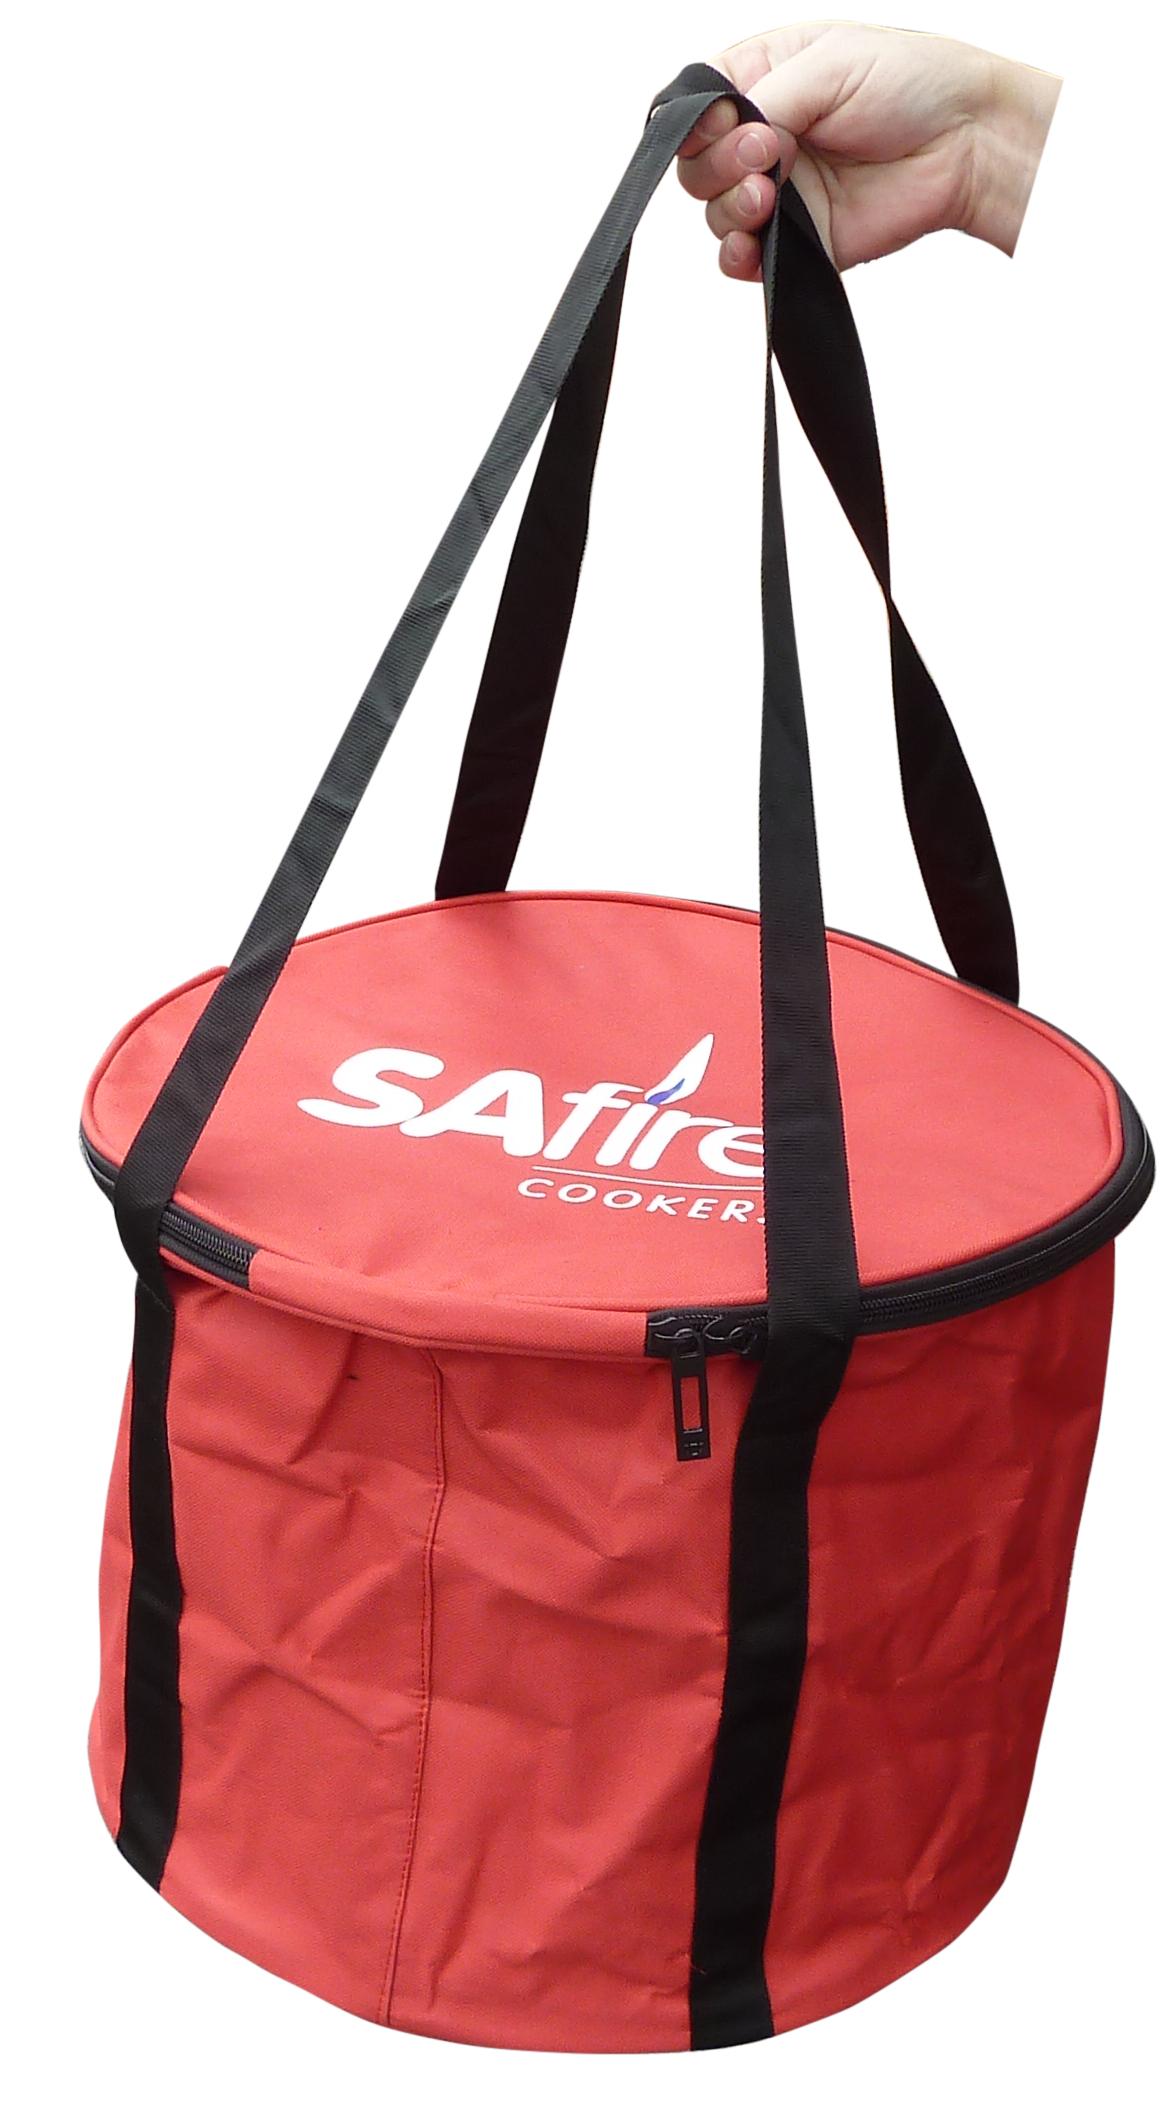 Väska till grill safire Grill